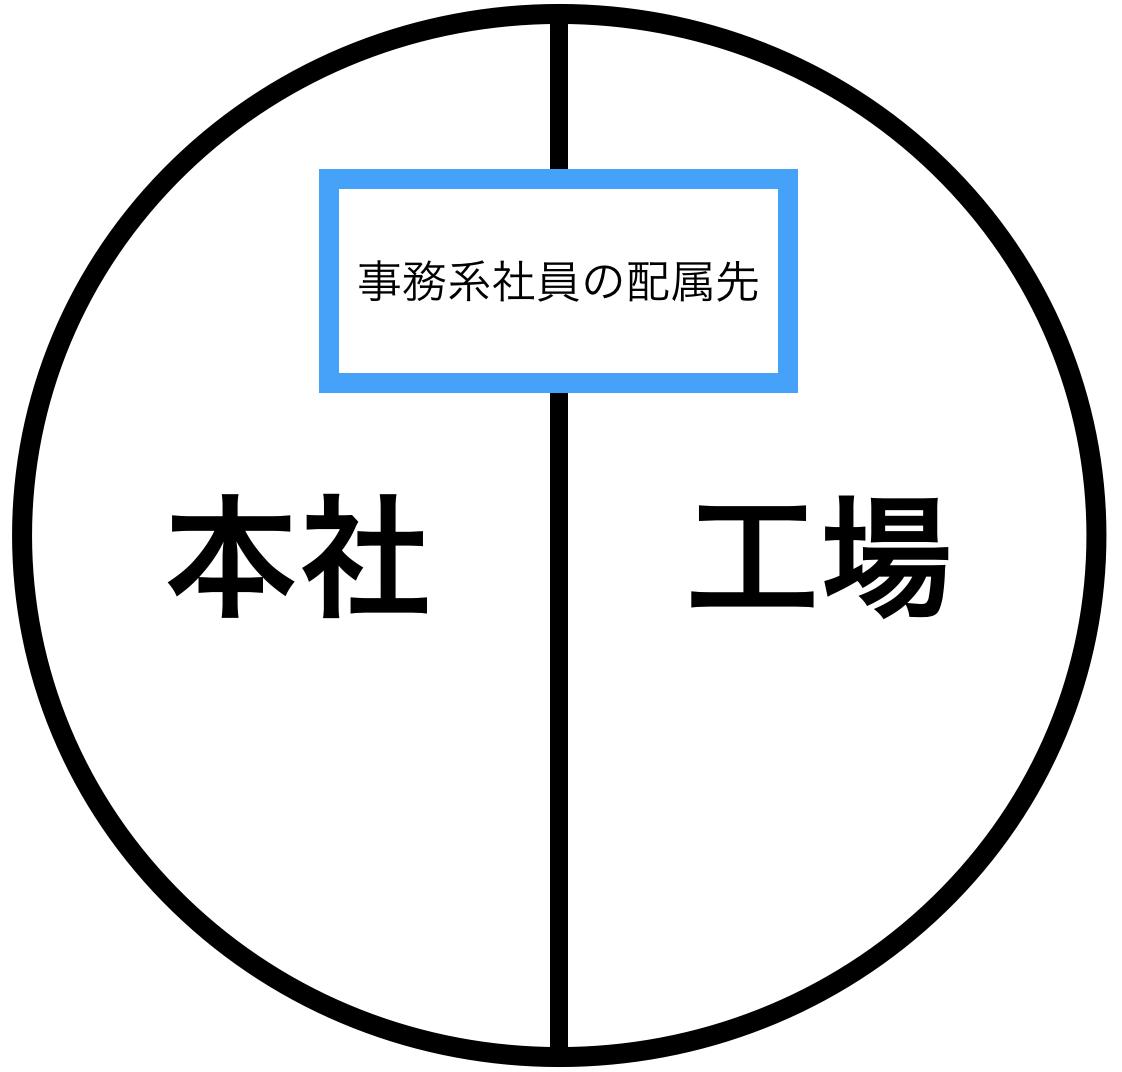 f:id:until30y:20210321180140p:plain